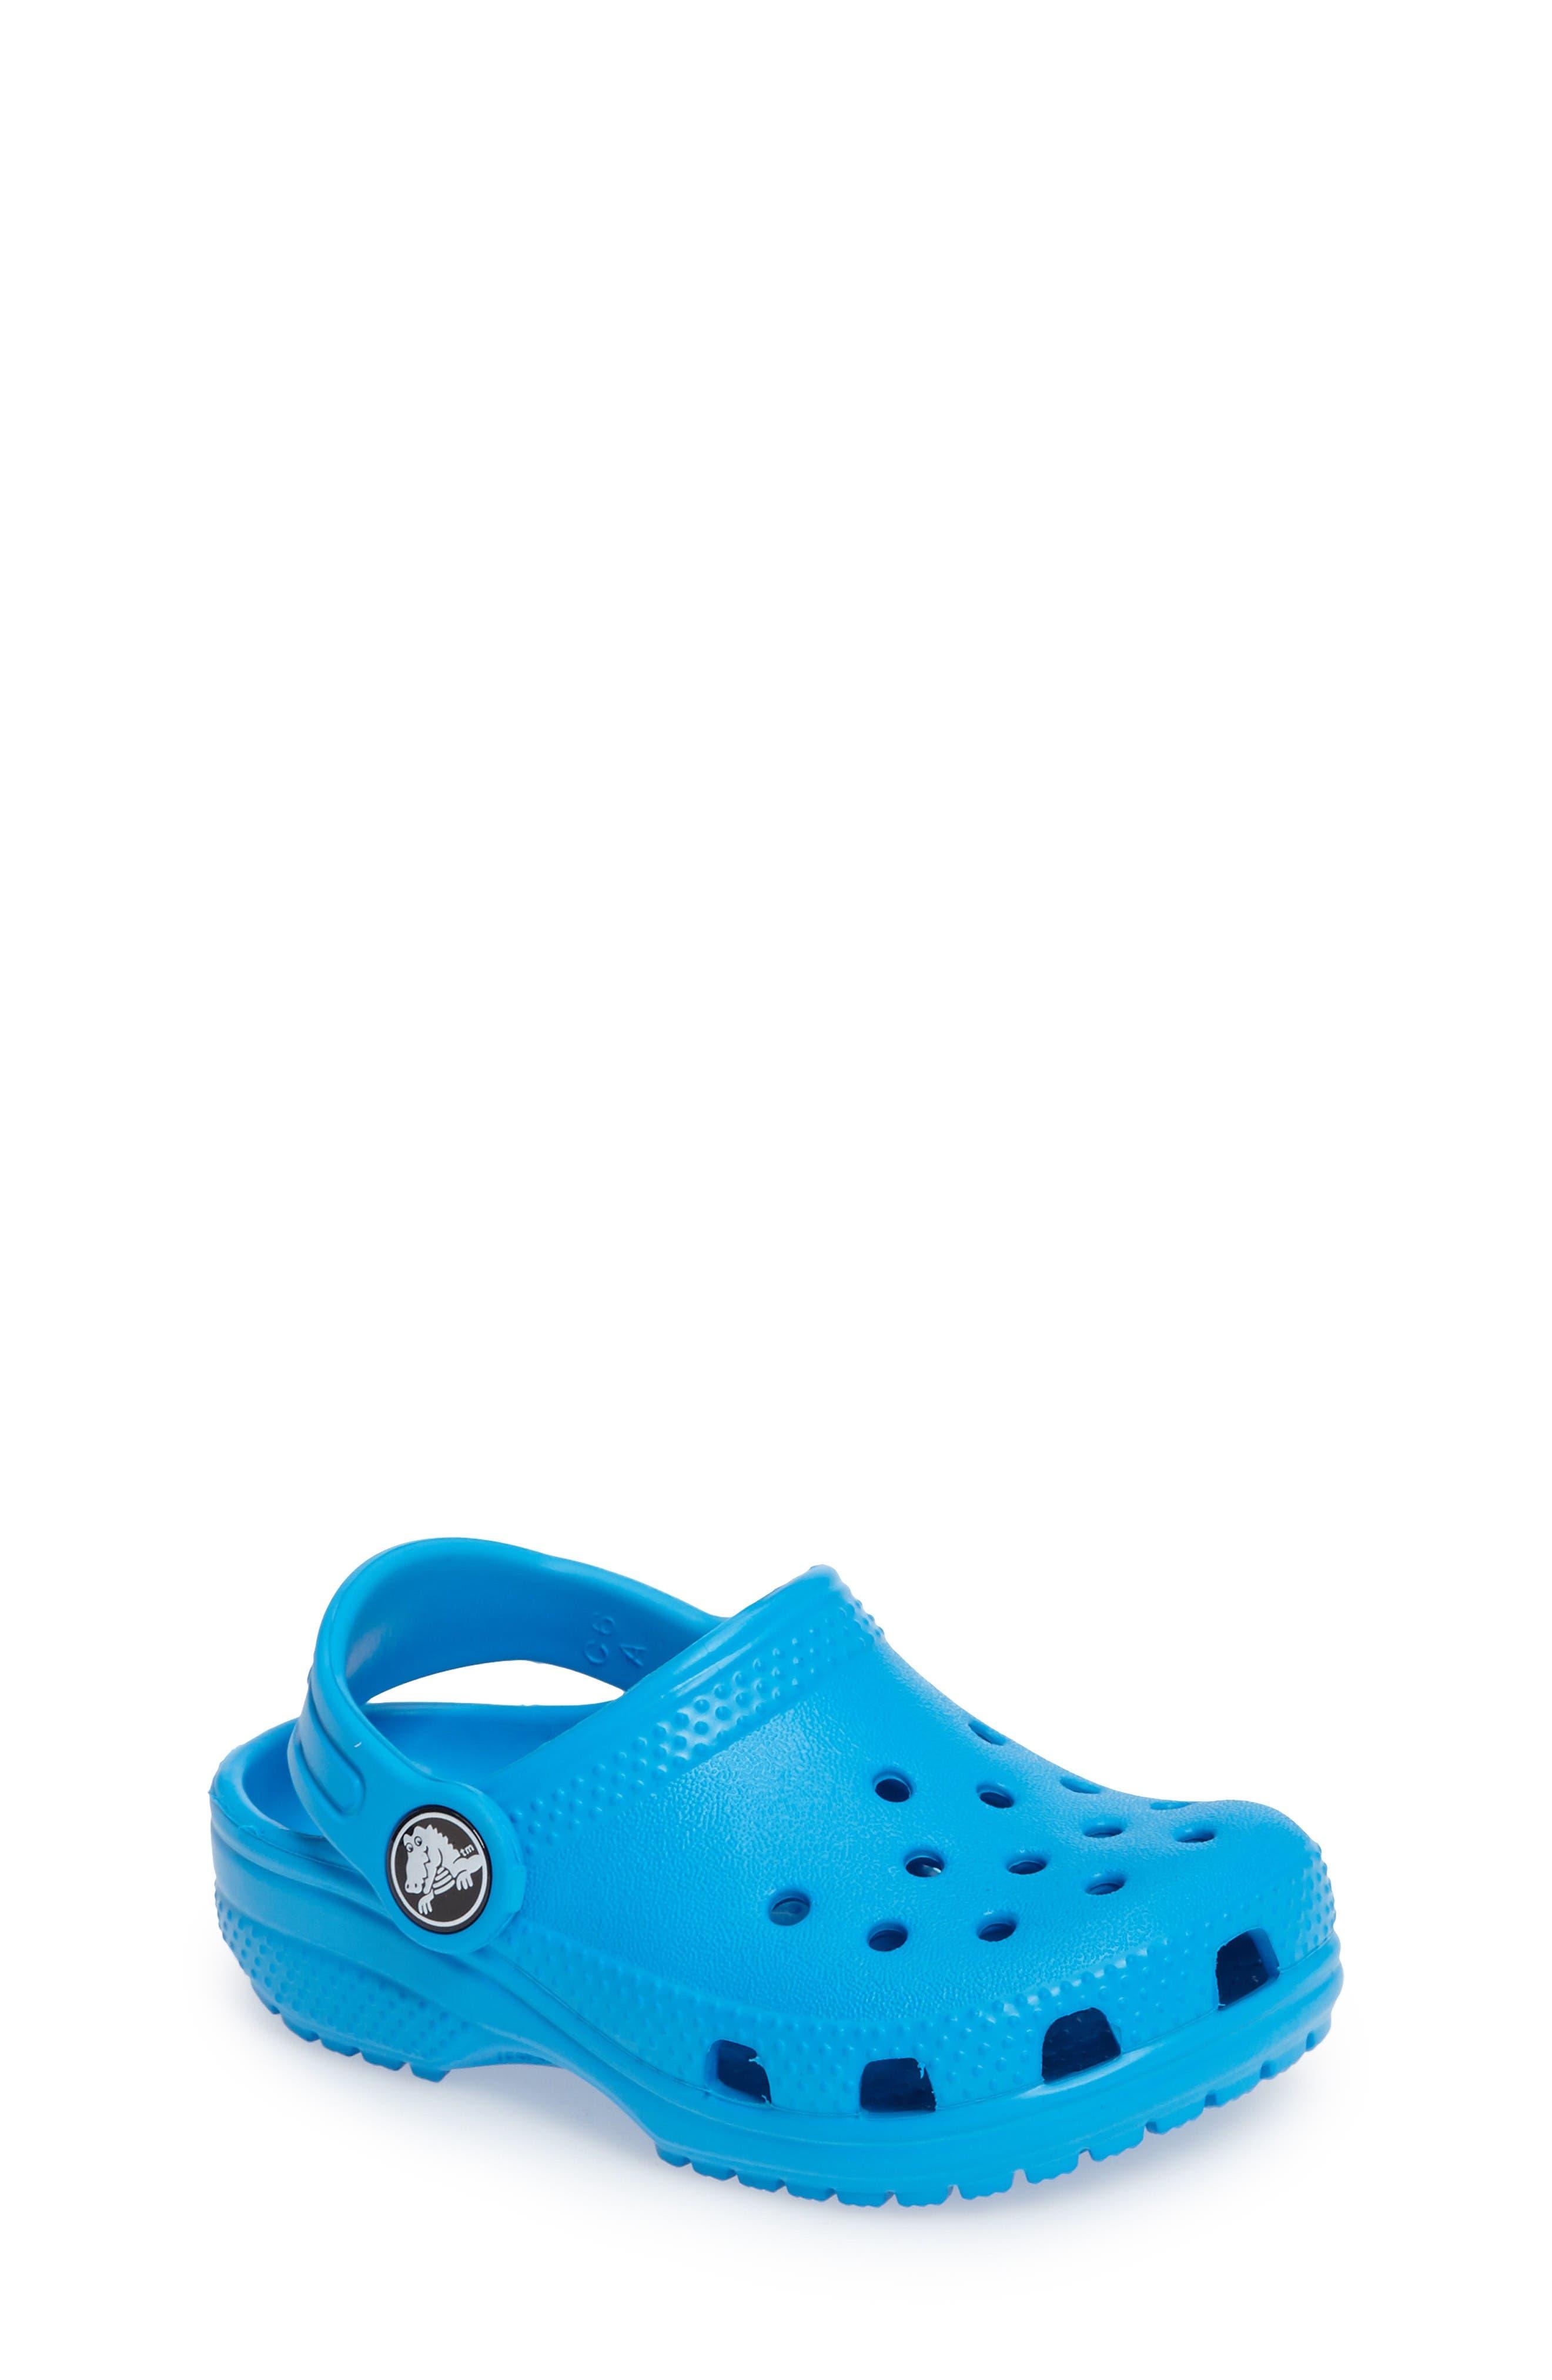 CROCS<SUP>™</SUP> Classic Clog Sandal